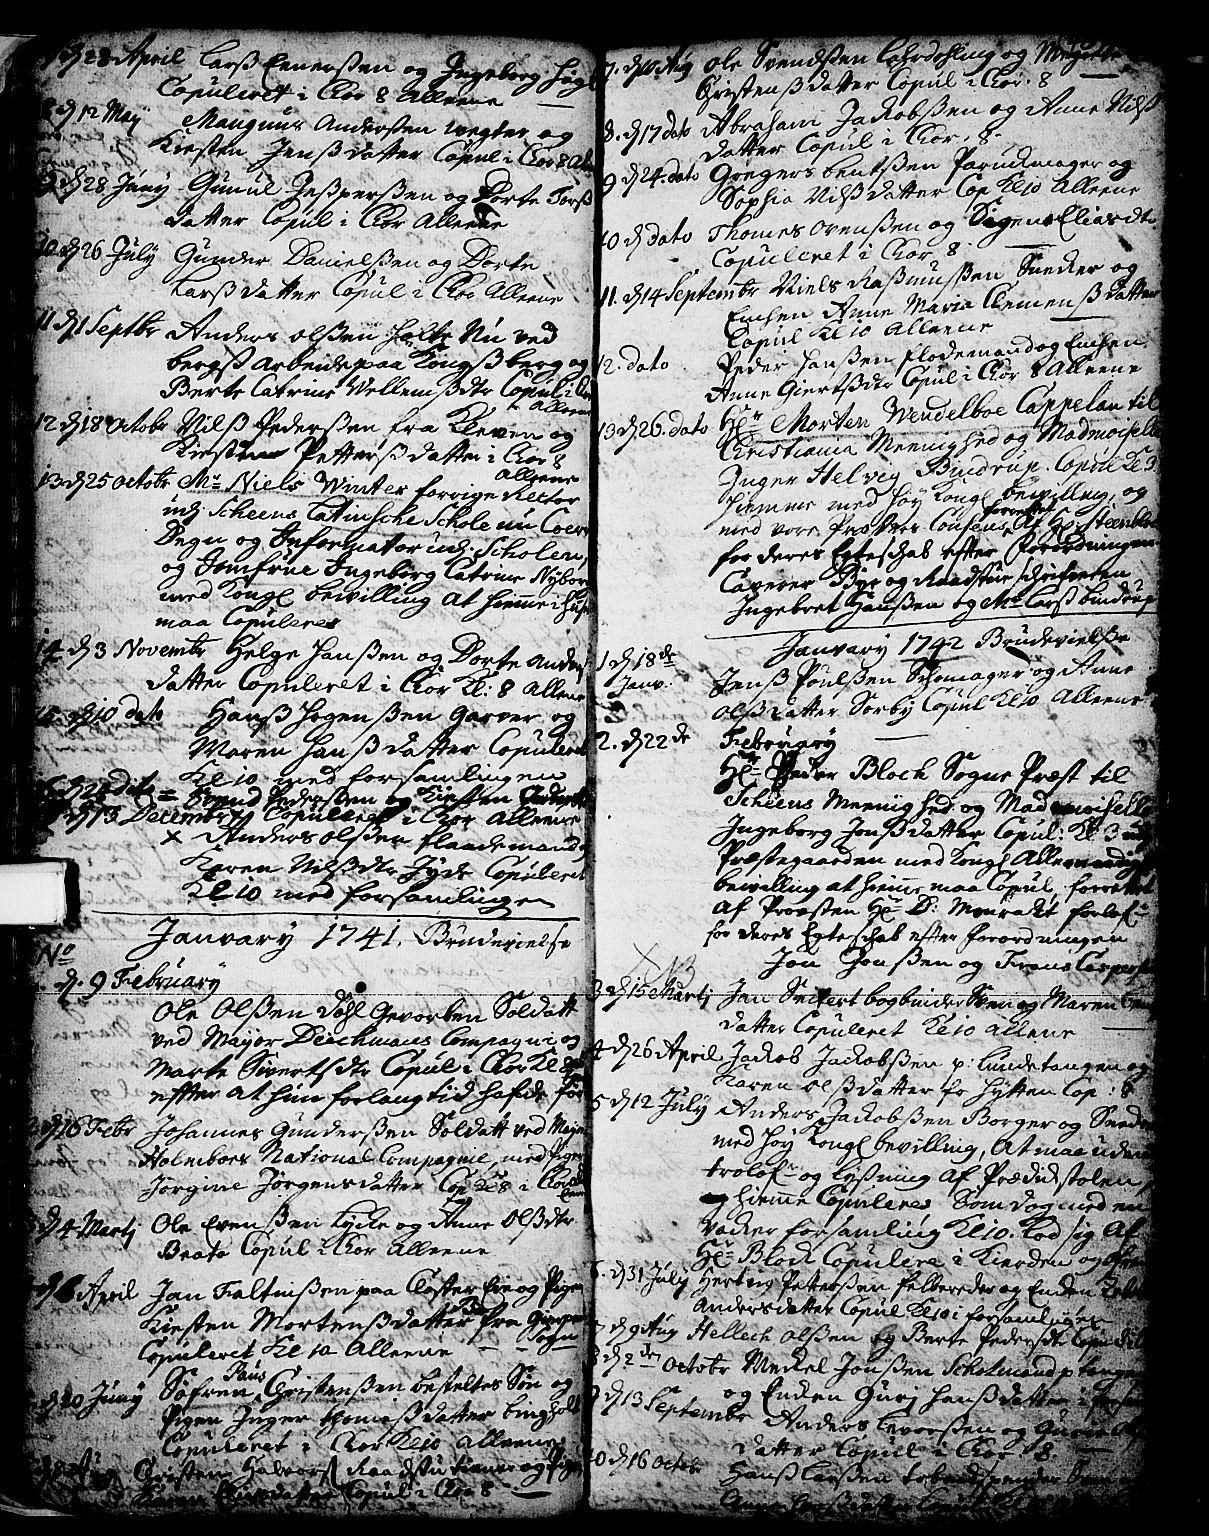 SAKO, Skien kirkebøker, F/Fa/L0002: Ministerialbok nr. 2, 1716-1757, s. 40